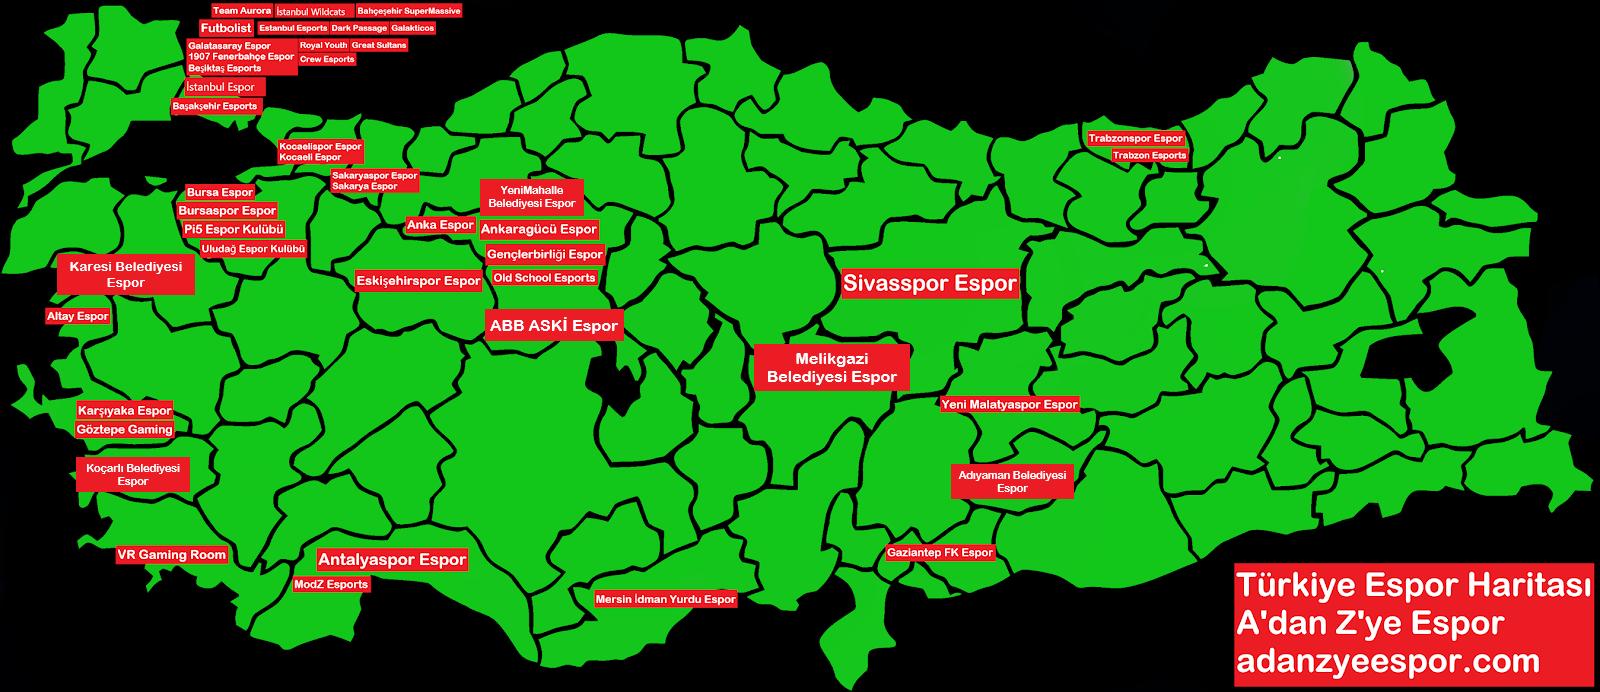 Türkiye Espor Haritası3